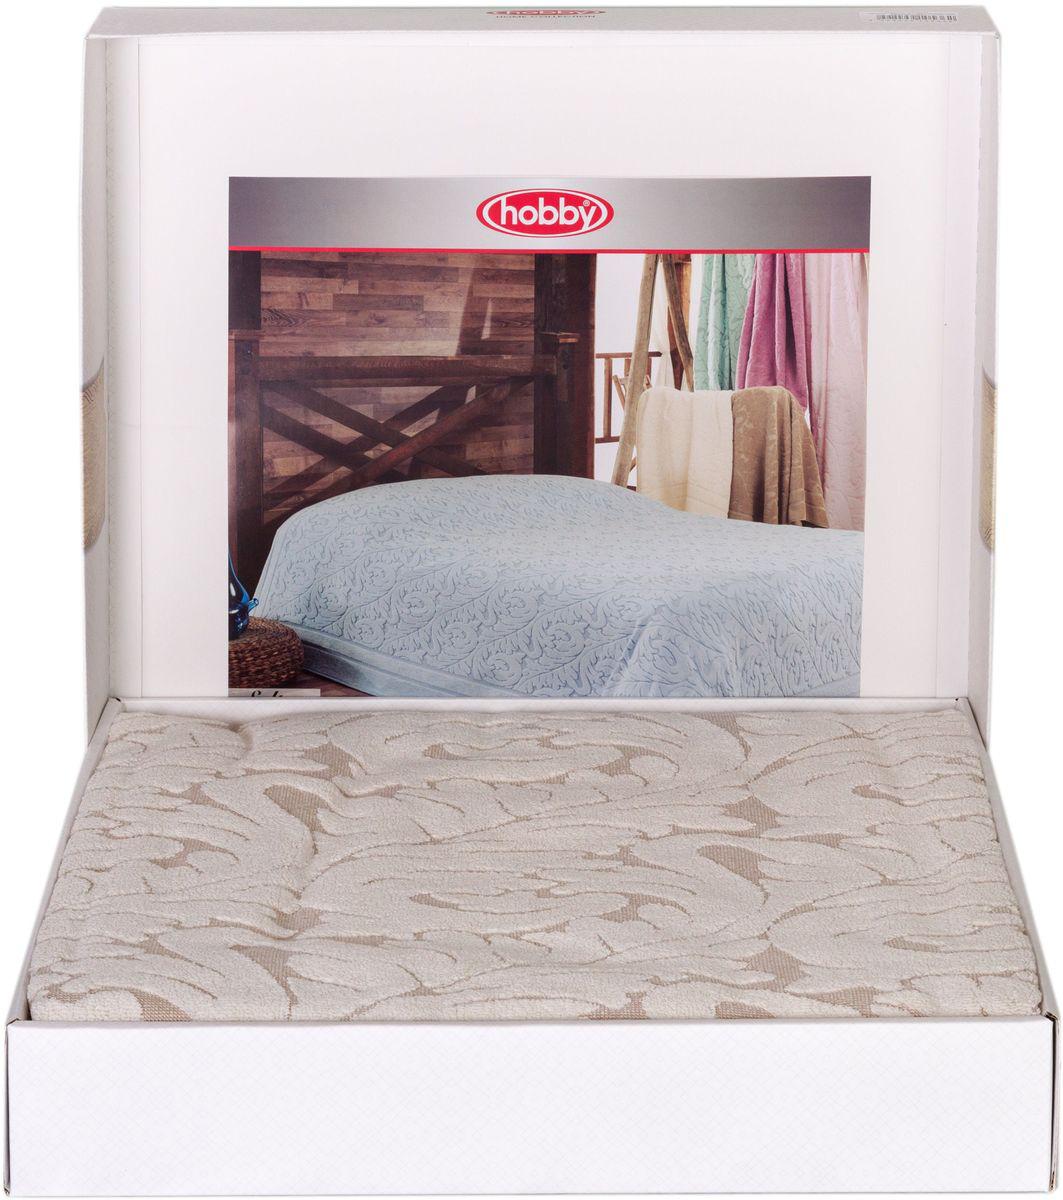 Покрывало Hobby Home Collection Sultan, цвет: кремовый, 200 х 220 см78479Шикарное покрывало Hobby Home Collection Sultan изготовлено из 100% хлопка высшей категории. Оно обладает замечательными дышащими свойствами и будет хорошо смотреться как на диване, так и на большой кровати. Данное покрывало можно также использовать в качестве одеяла.